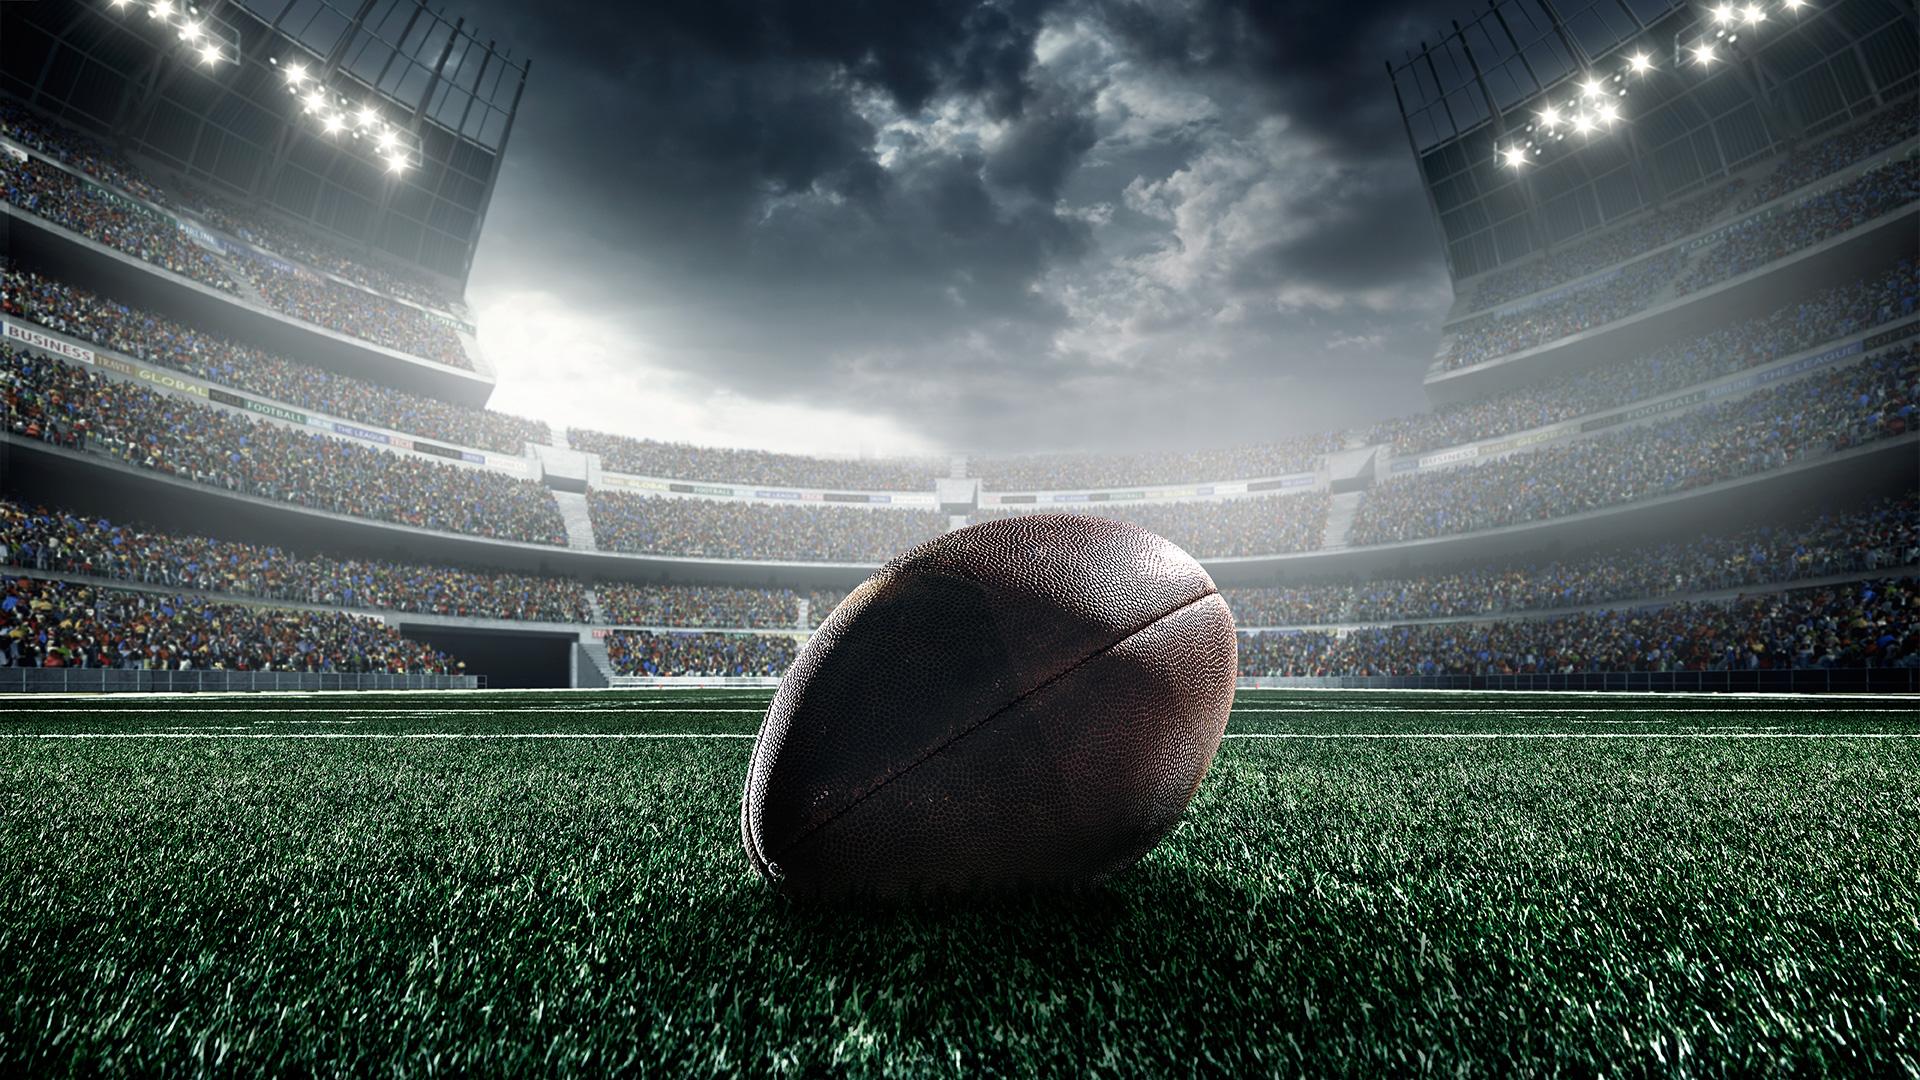 Laeacco American Football Field Scenic Photography: American Football Ball On Stadium Field